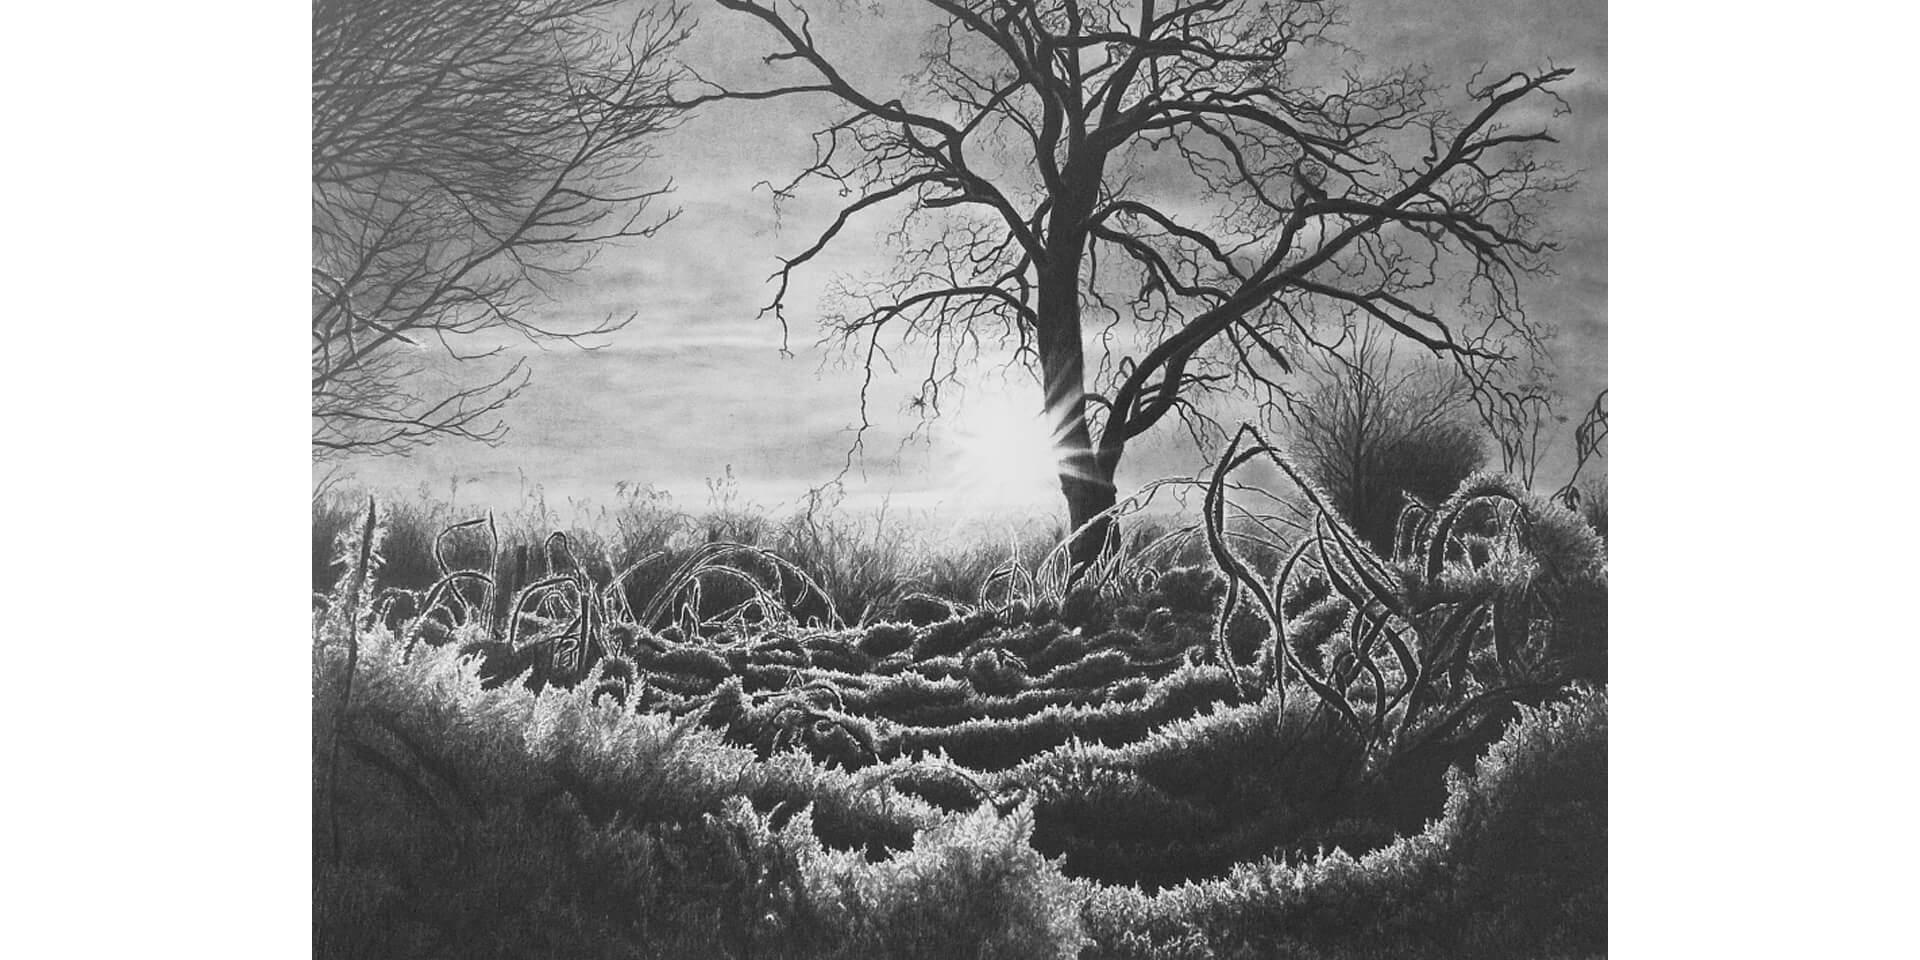 Eisiger Morgen, Bleistift, 51x68 cm, 2013